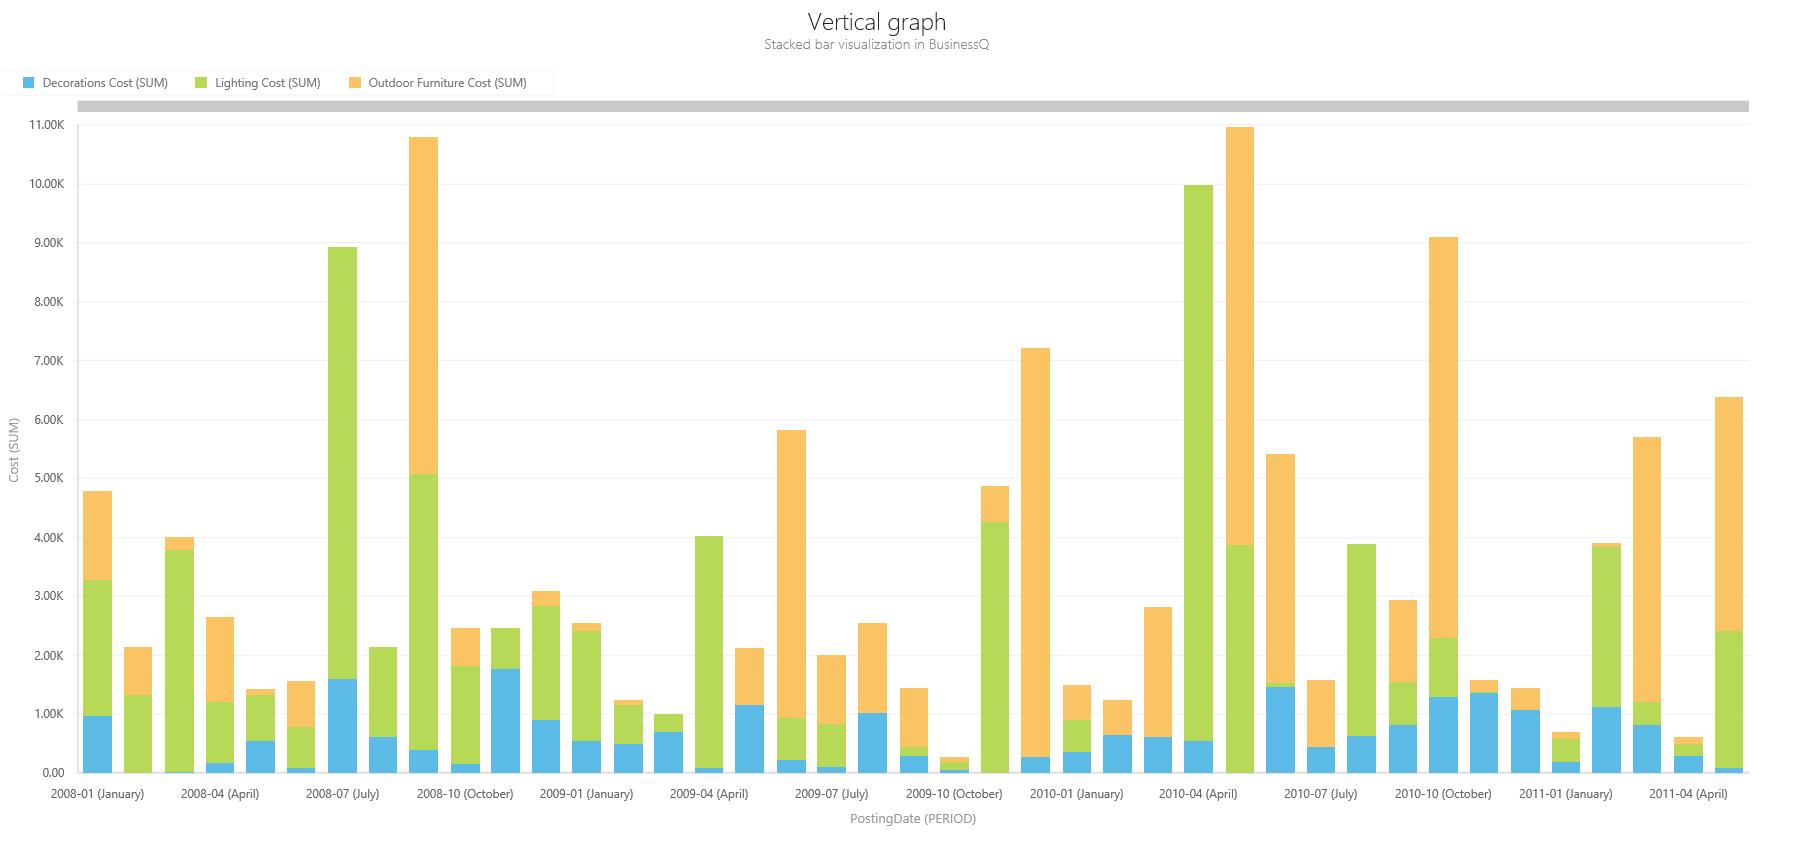 BQ_Vertical_graph_2_Vertical_Stacked_Bar